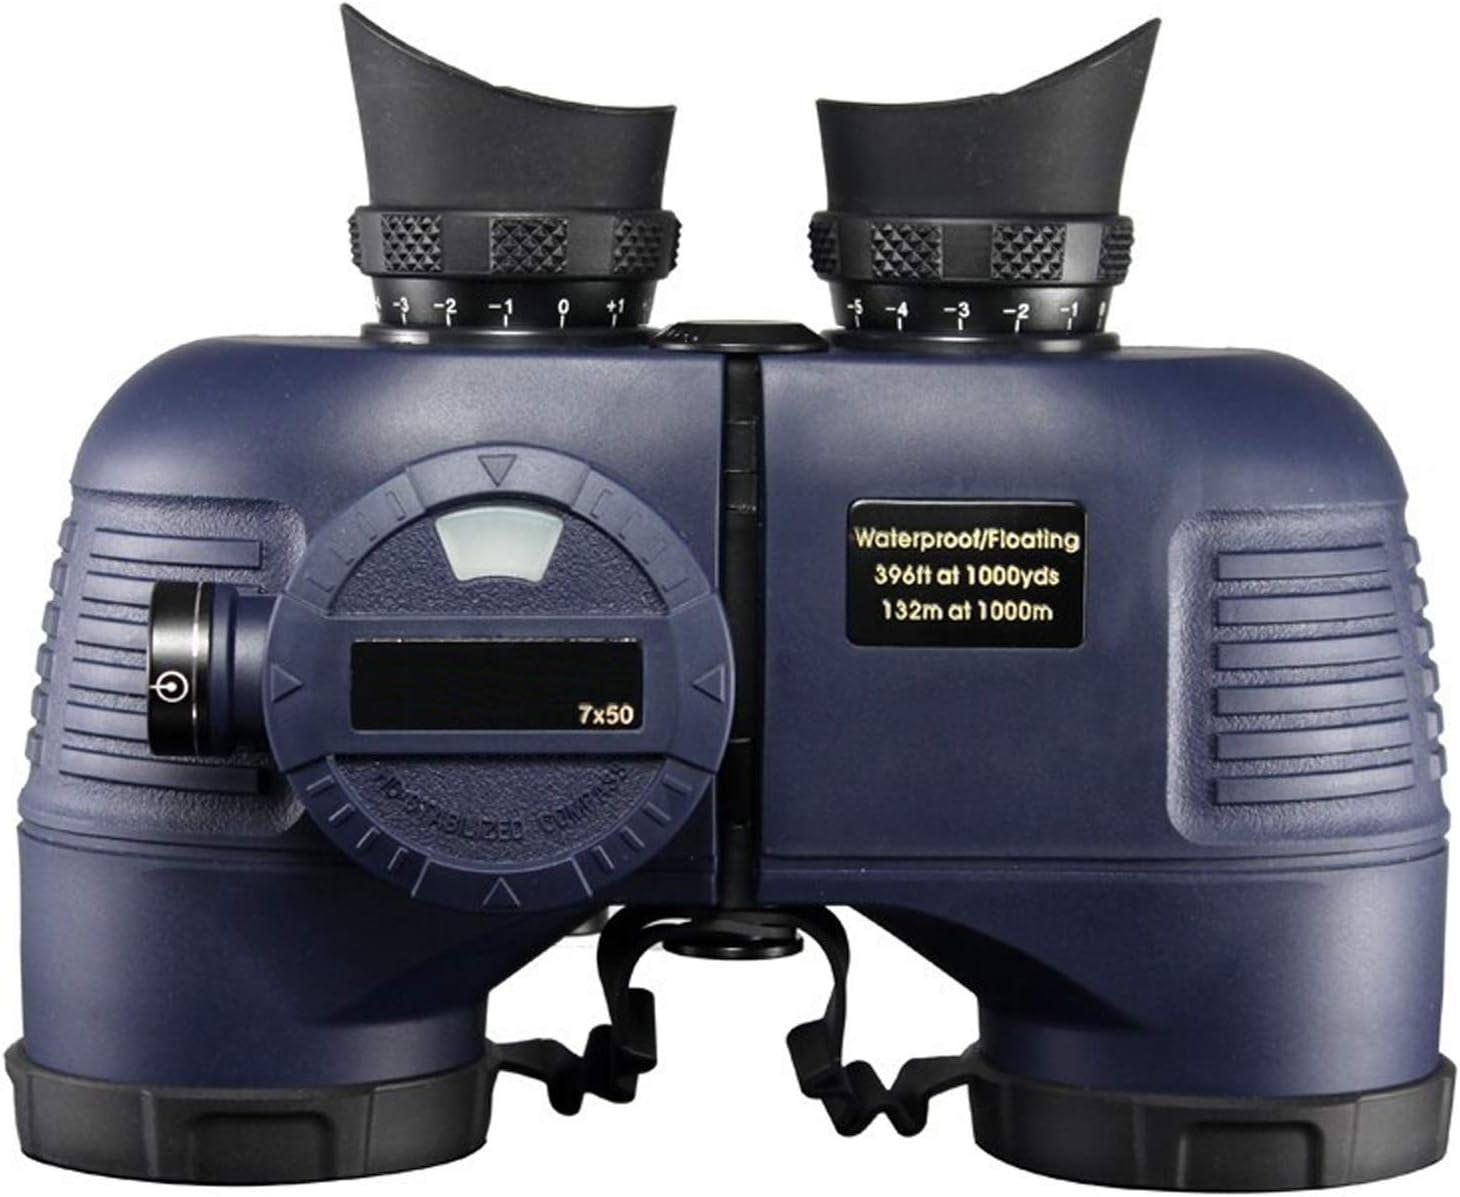 huasa Militares Prismáticos Compactos 7x50,HD Binoculares Visión Nocturna con Brújula Y Telémetro Prismáticos De Profesional,Binoculares para Observación de Aves,Caza,Senderismo,Astronomía,Blue